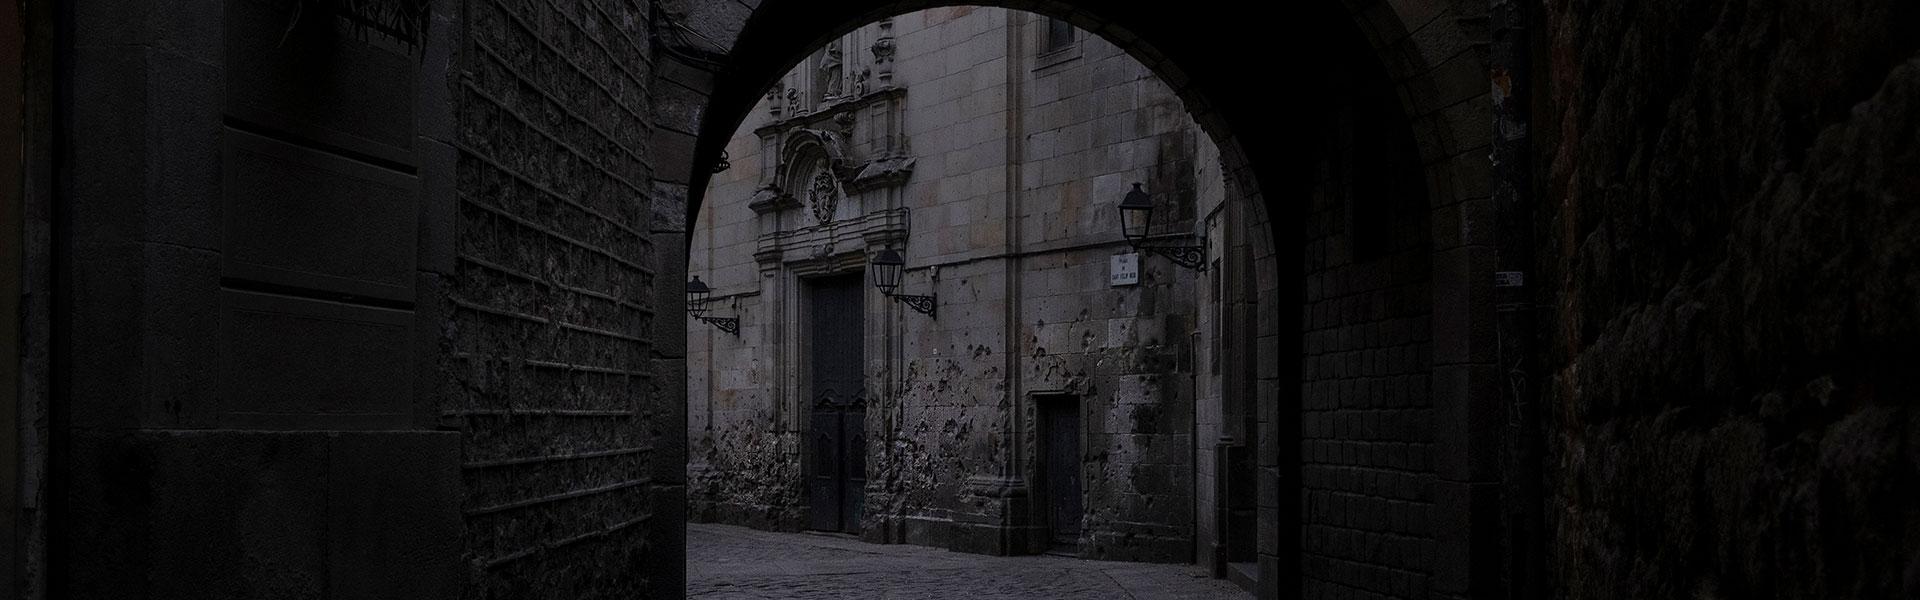 Foto: Oscar Larraga